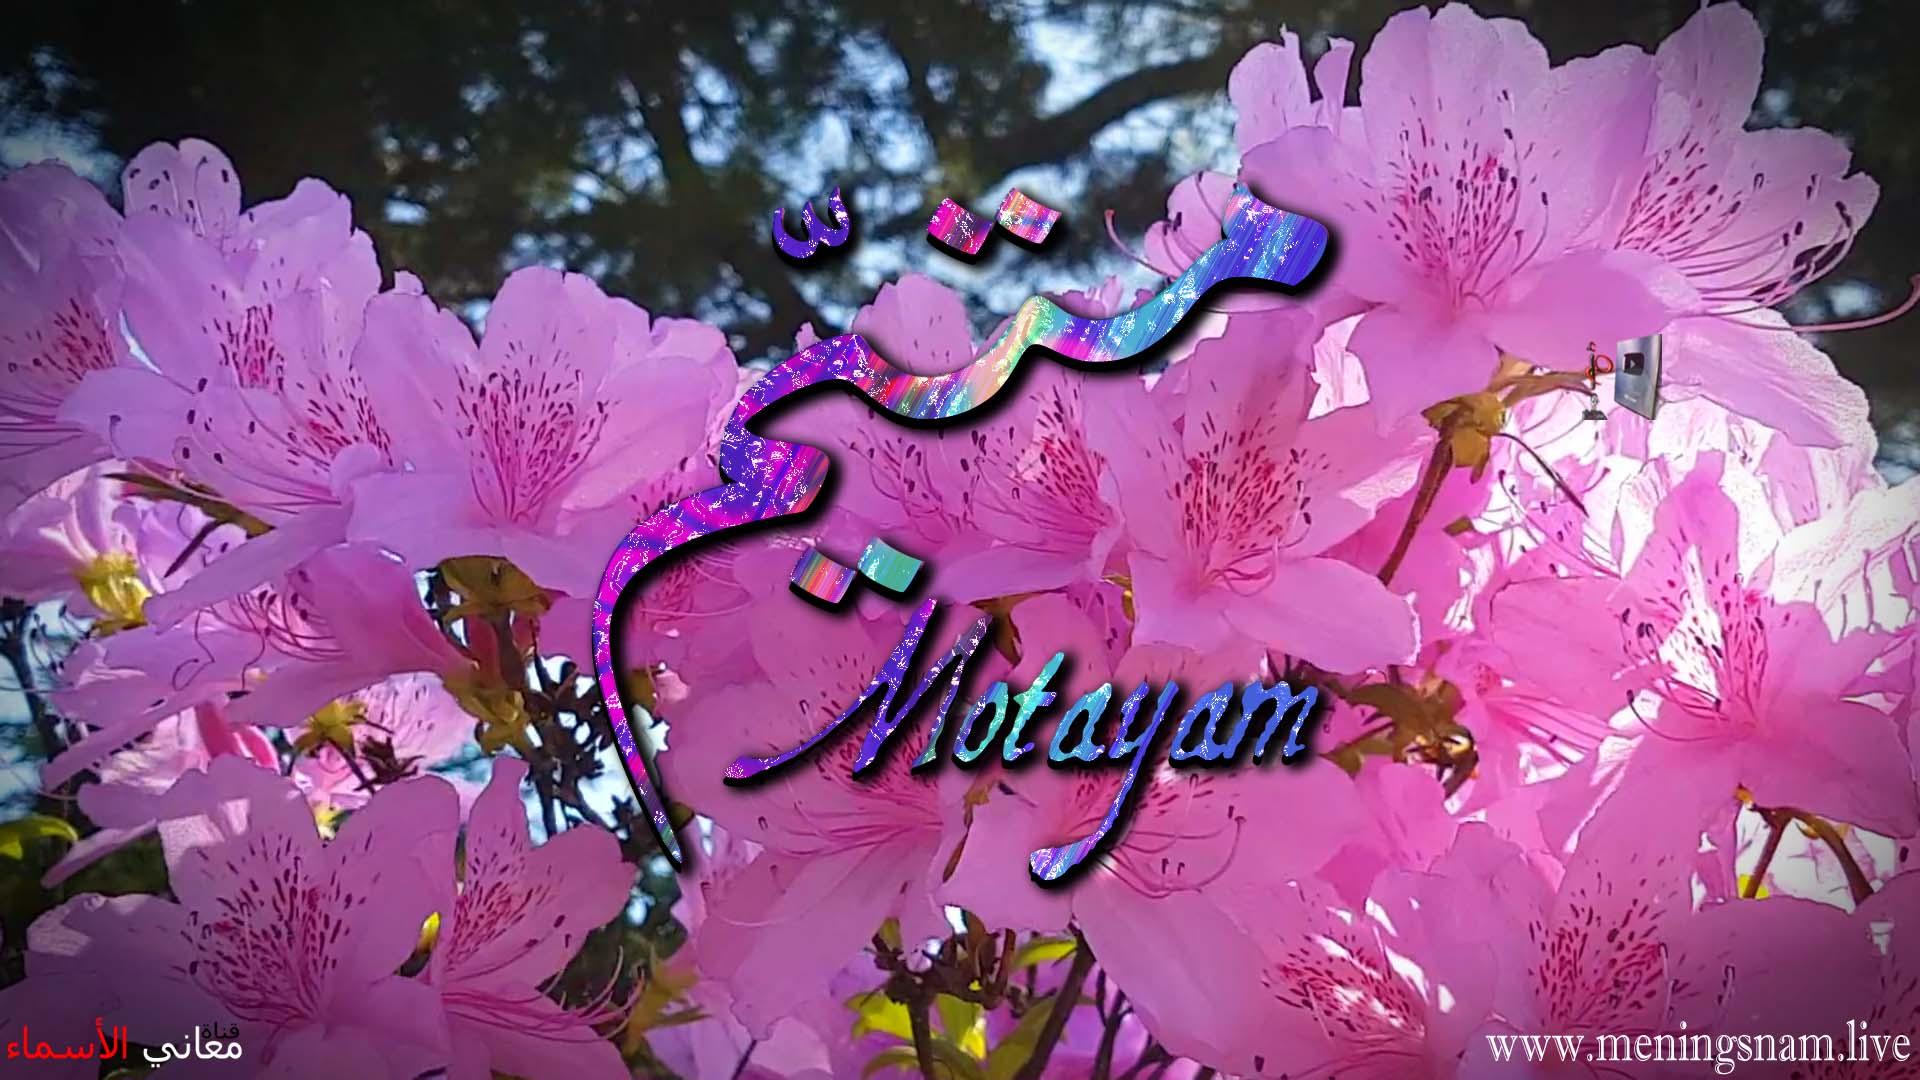 معنى اسم متيم وصفات حامل هذا الاسم Motayam